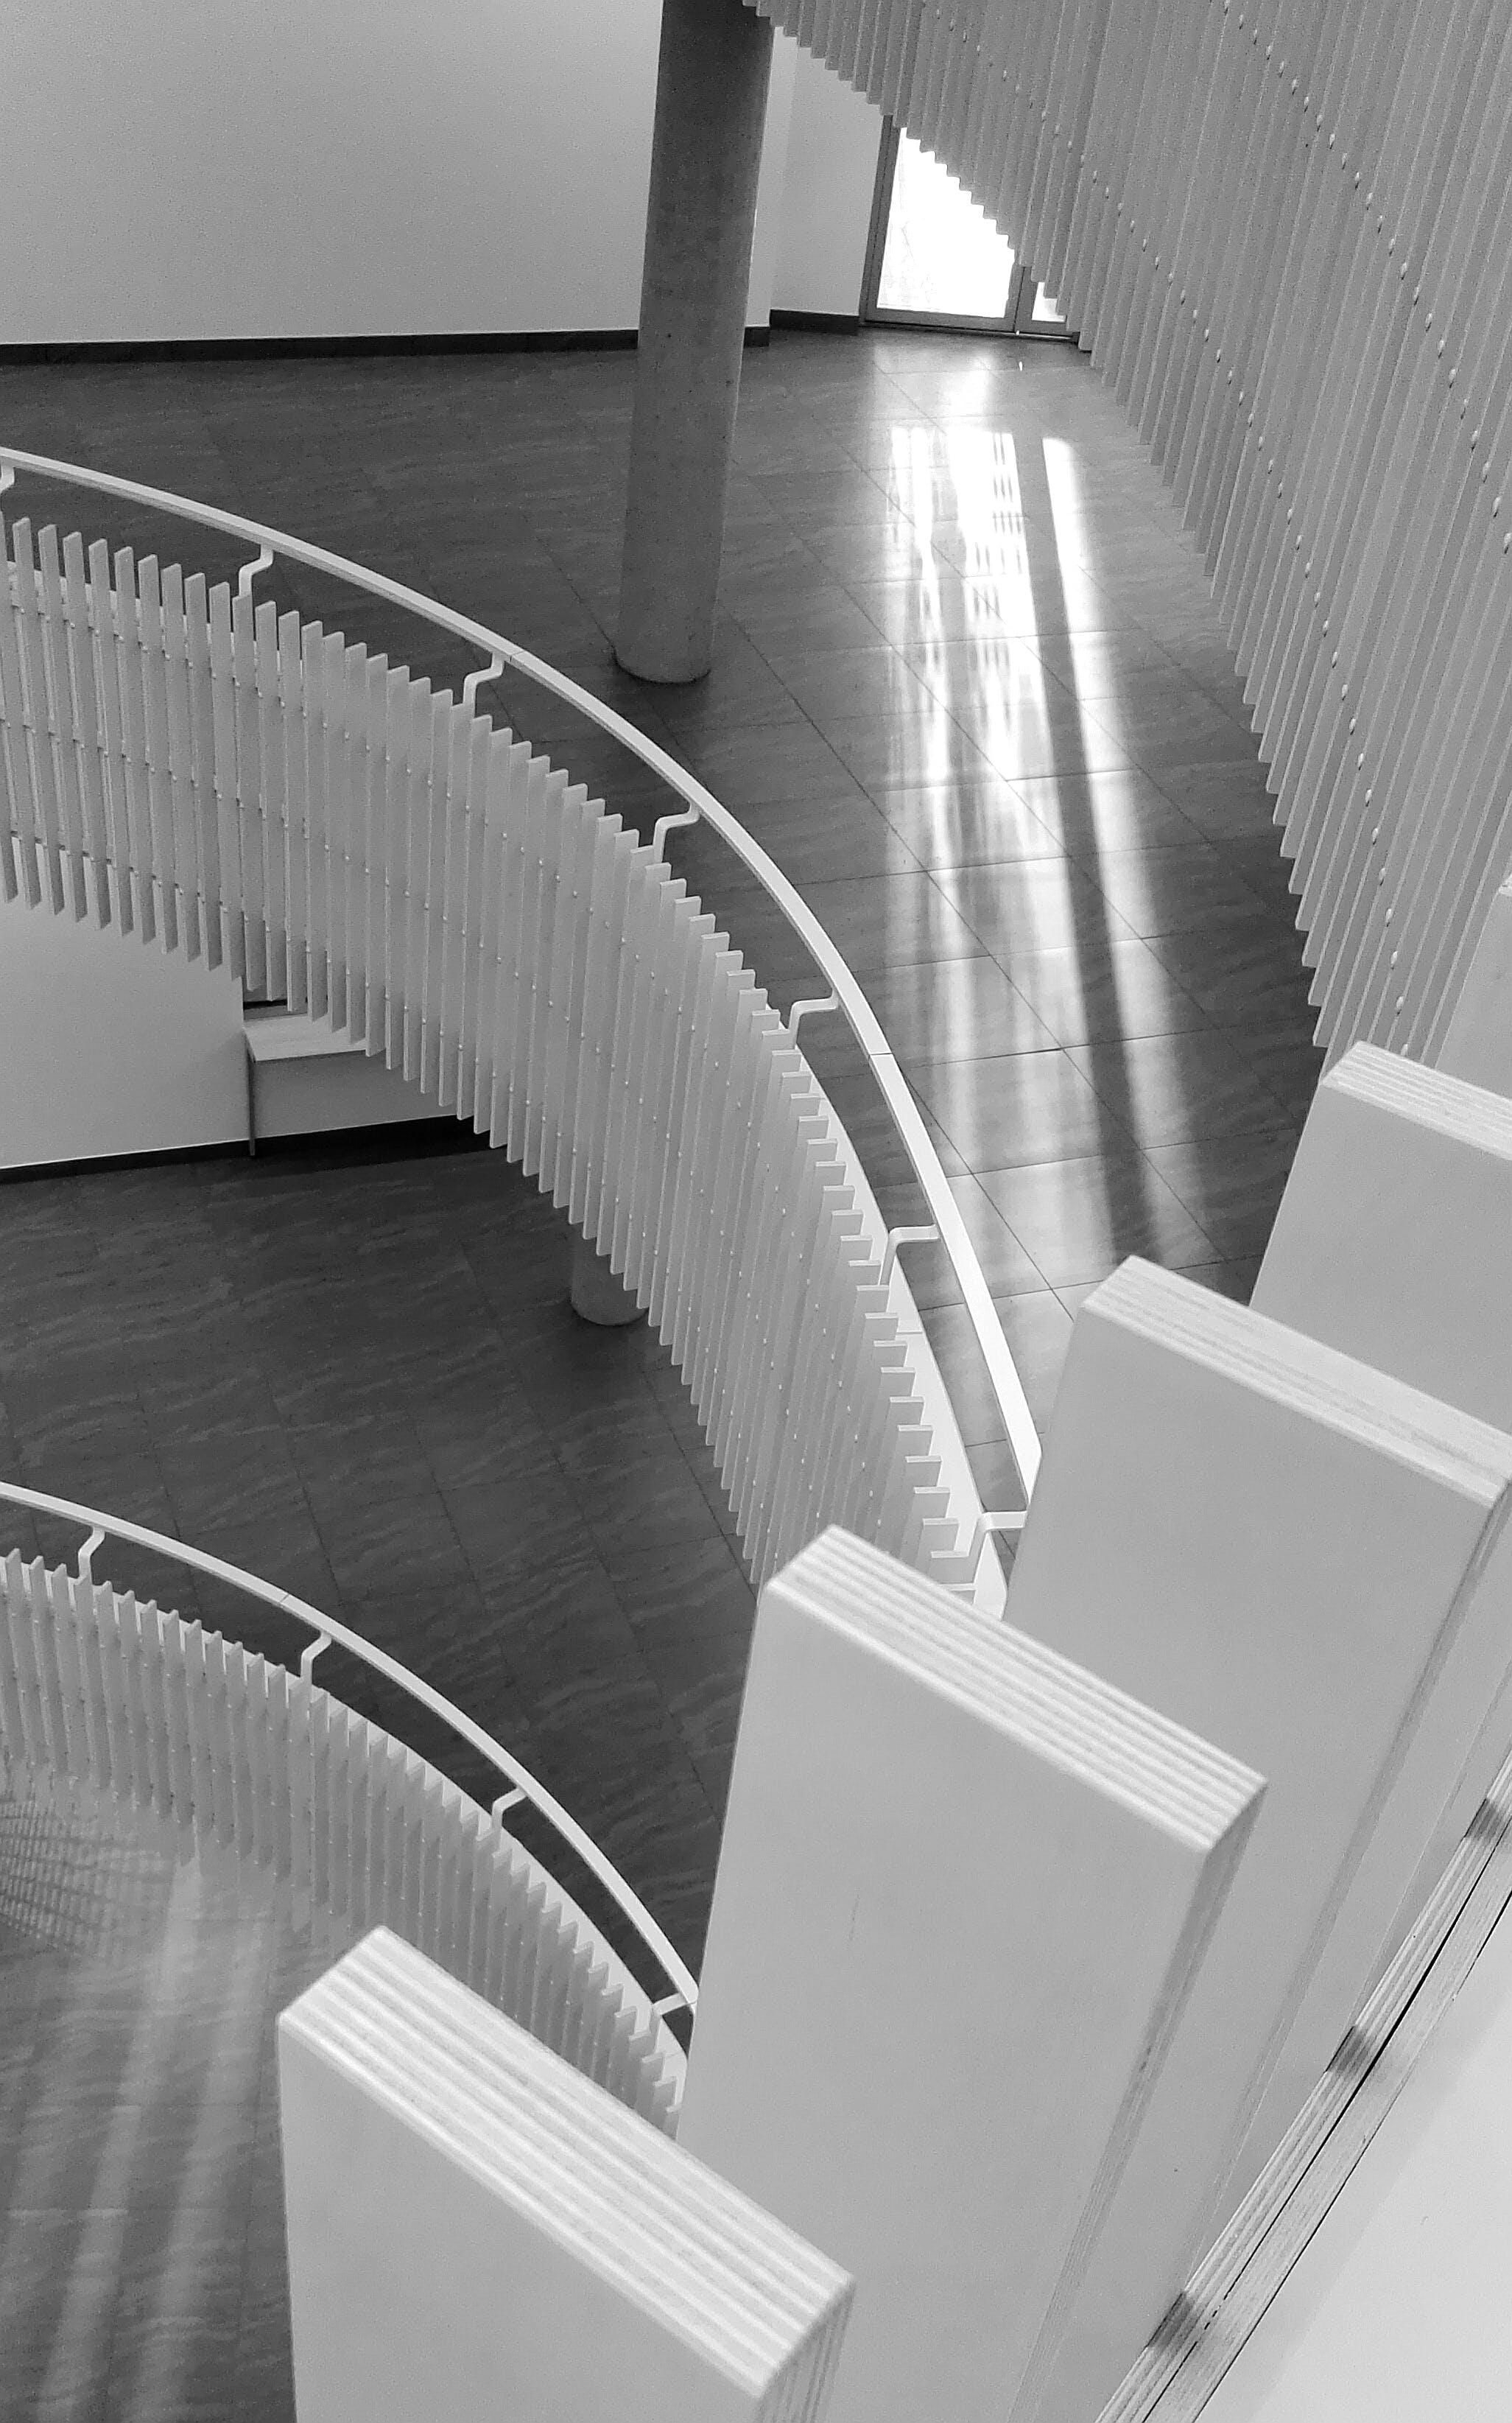 Foto profissional grátis de arquitetura, construção, corrimãos, dentro de casa